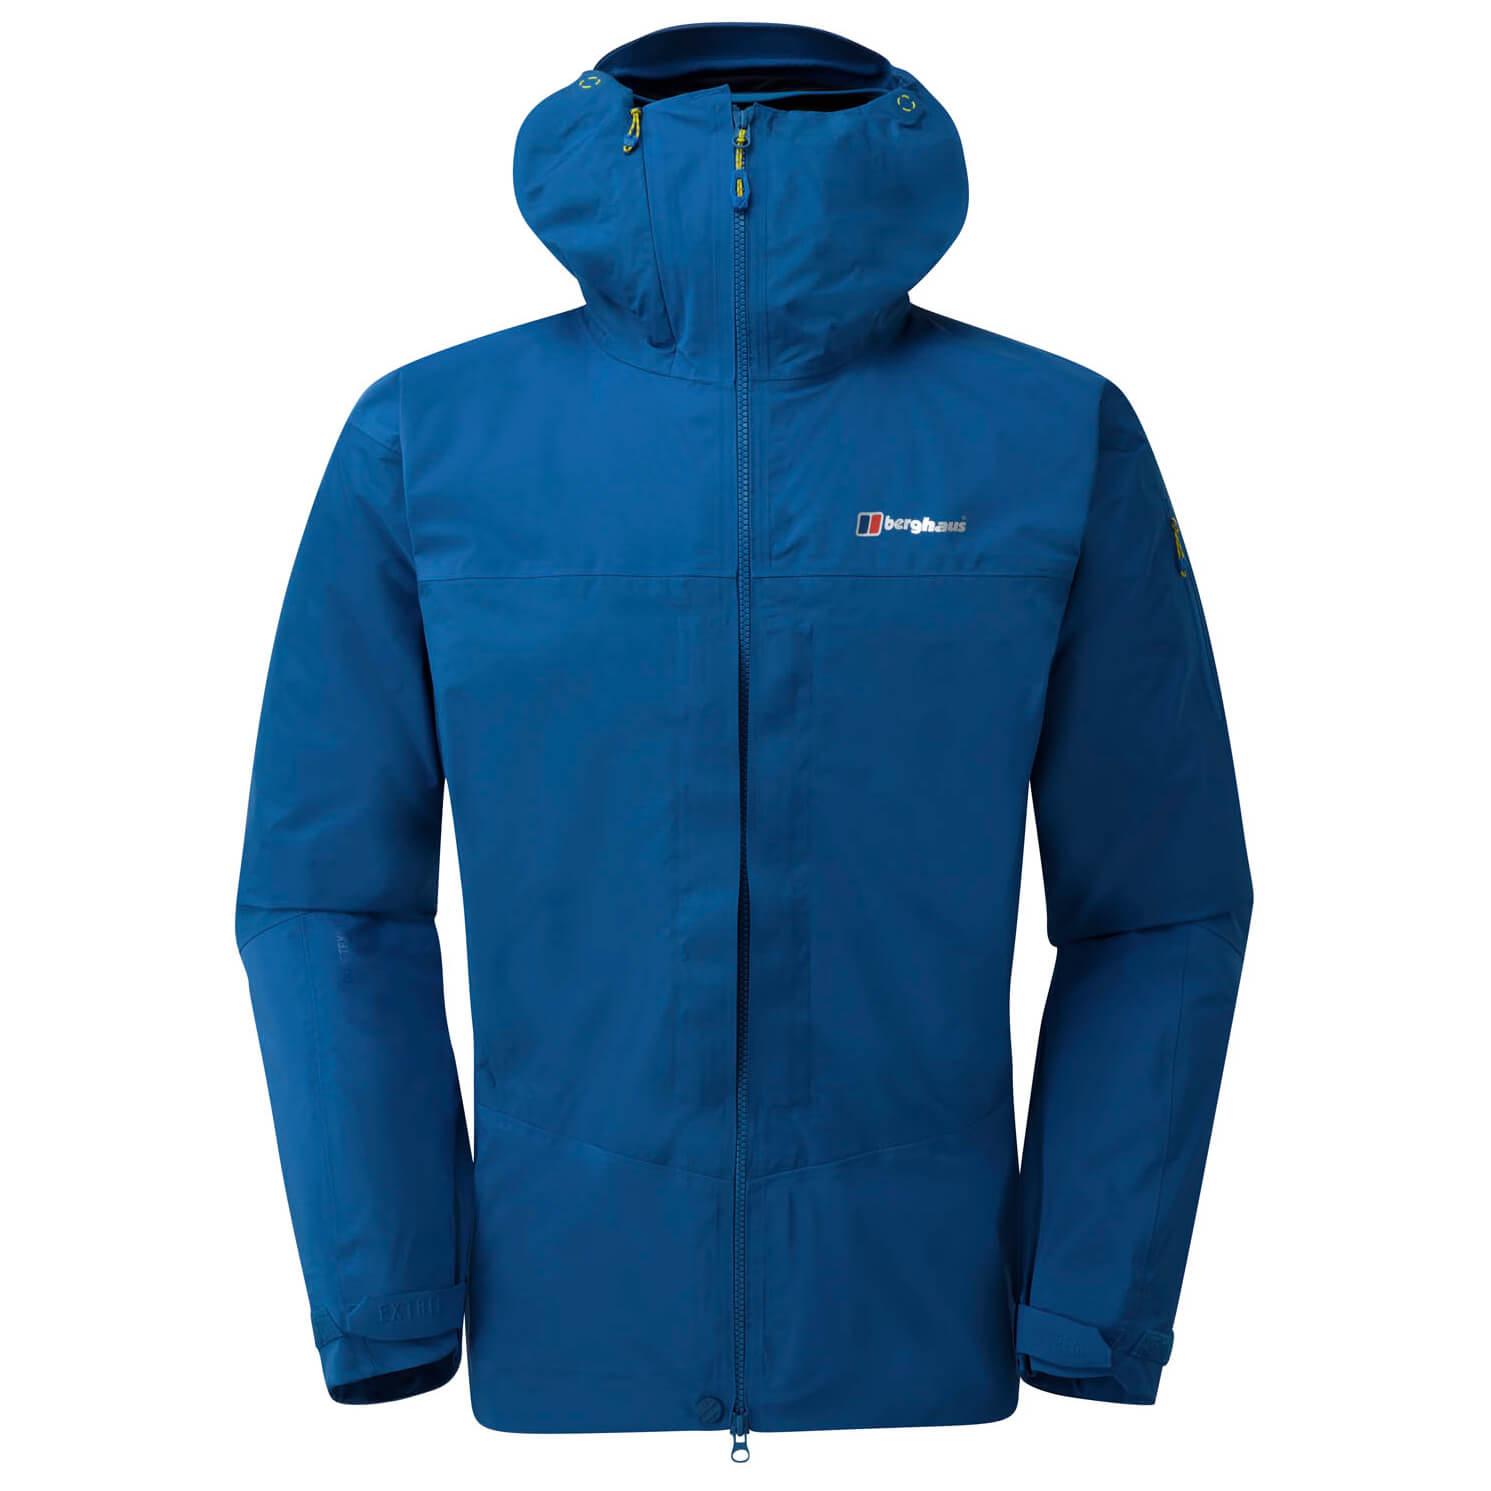 Berghaus Extrem 8000 Pro Shell Jacket Hardshelljacke